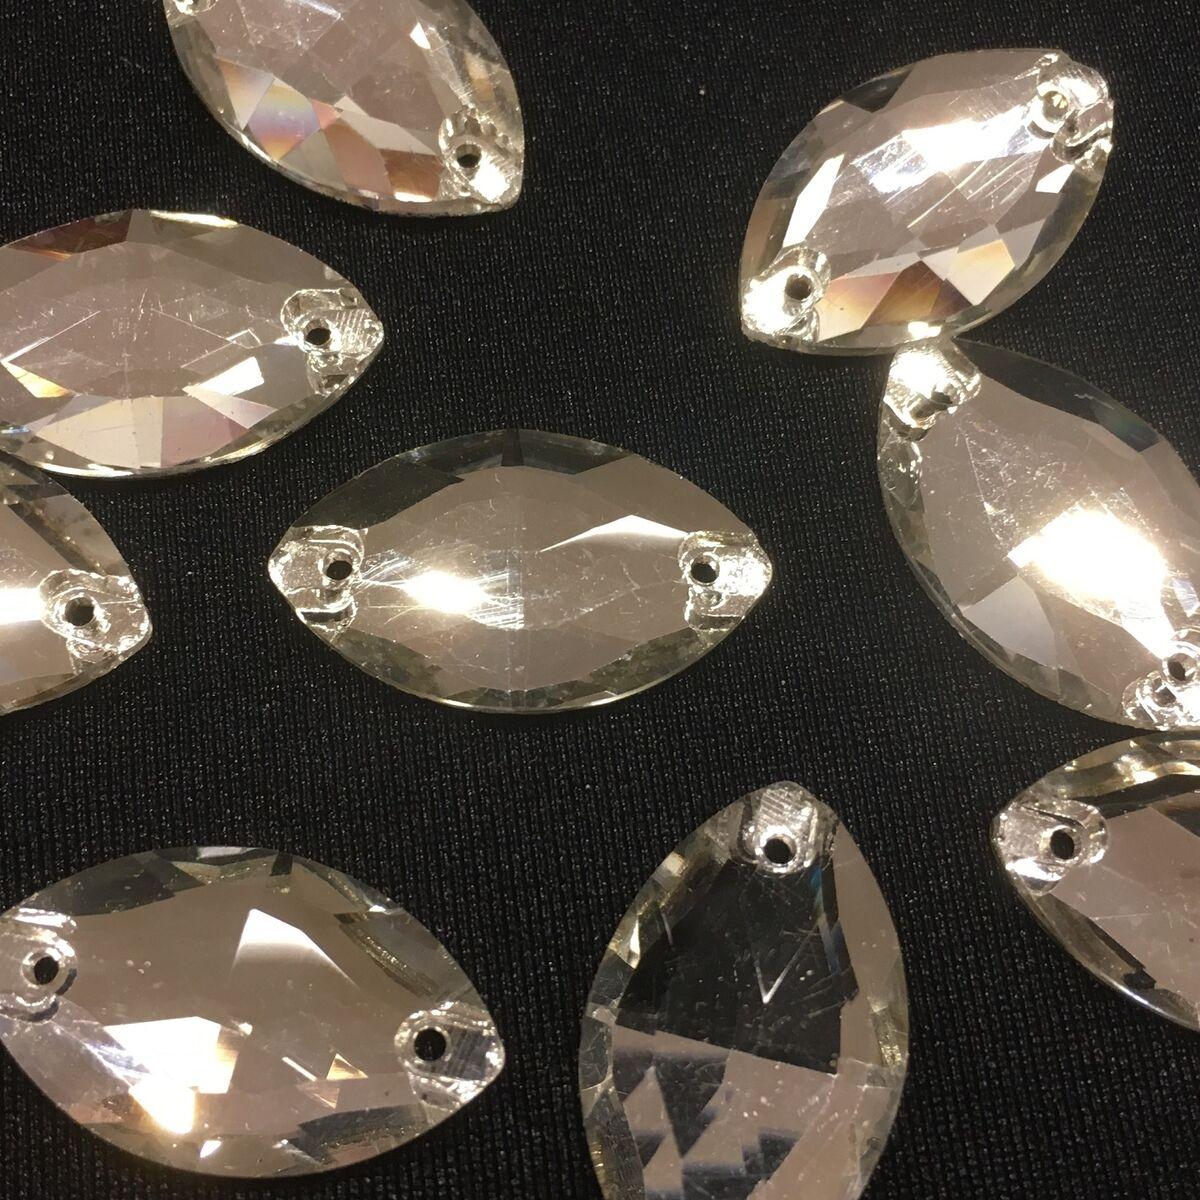 Löysin persvaostani kynsikoru-timantin. Pettääköhän mies vai mistä se on tullut?